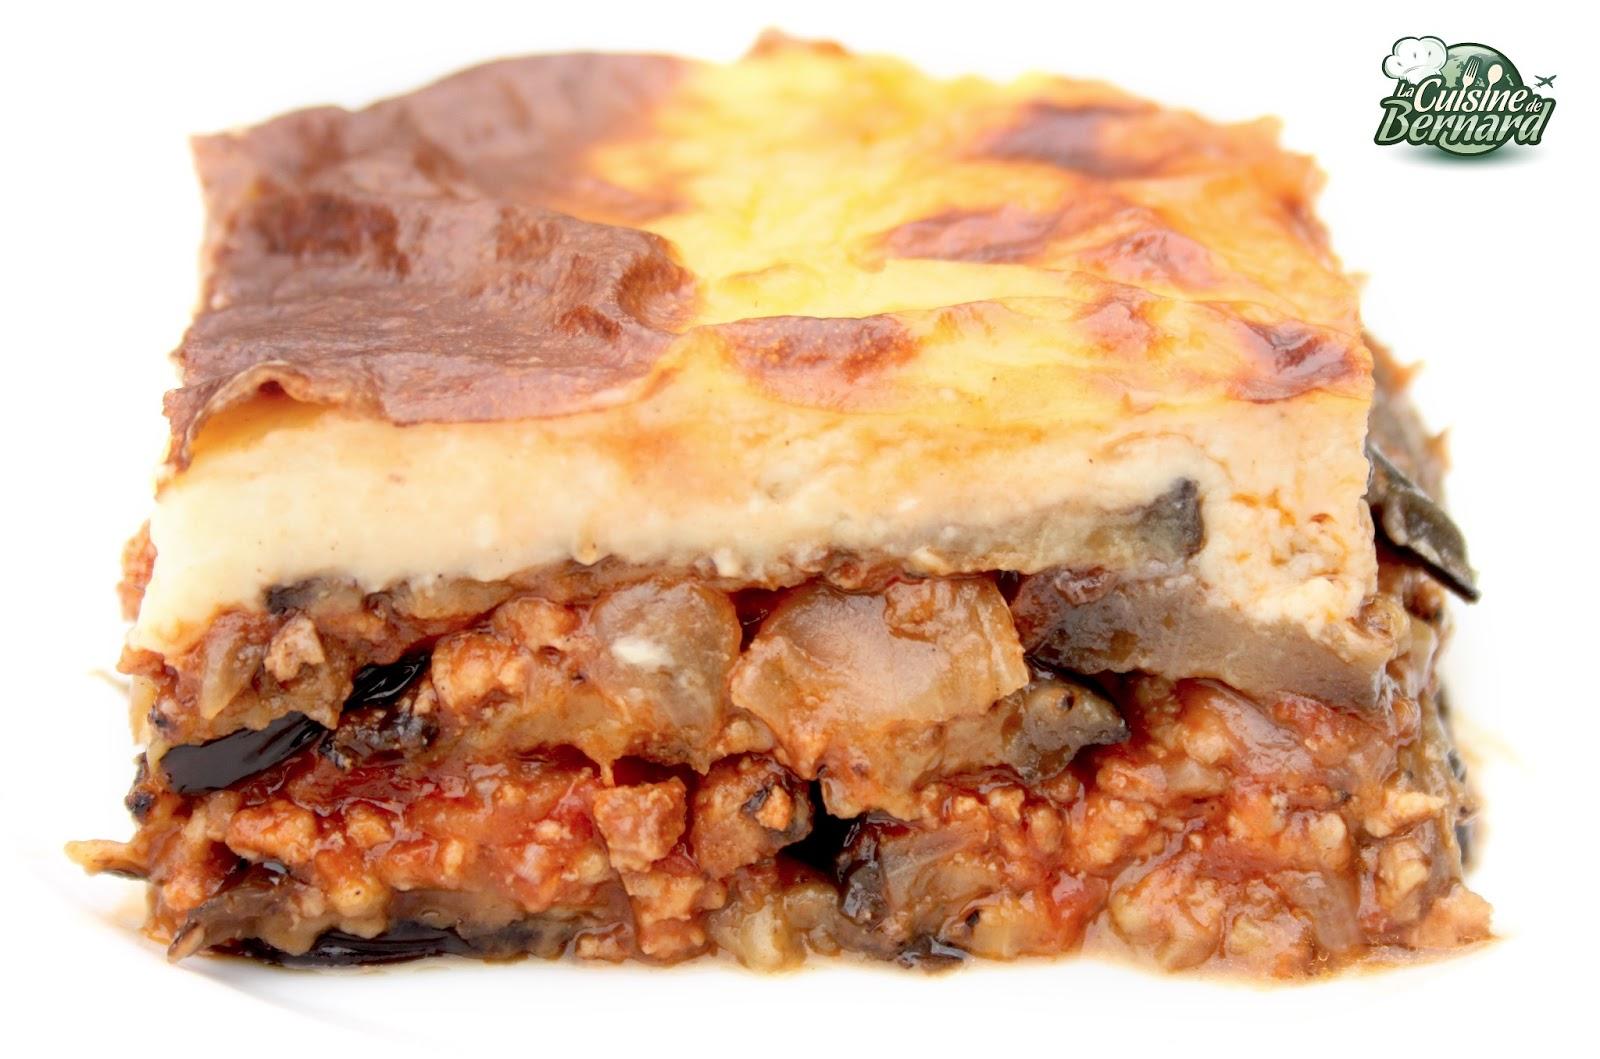 La cuisine de bernard moussaka grecque for Cuisine de bernard